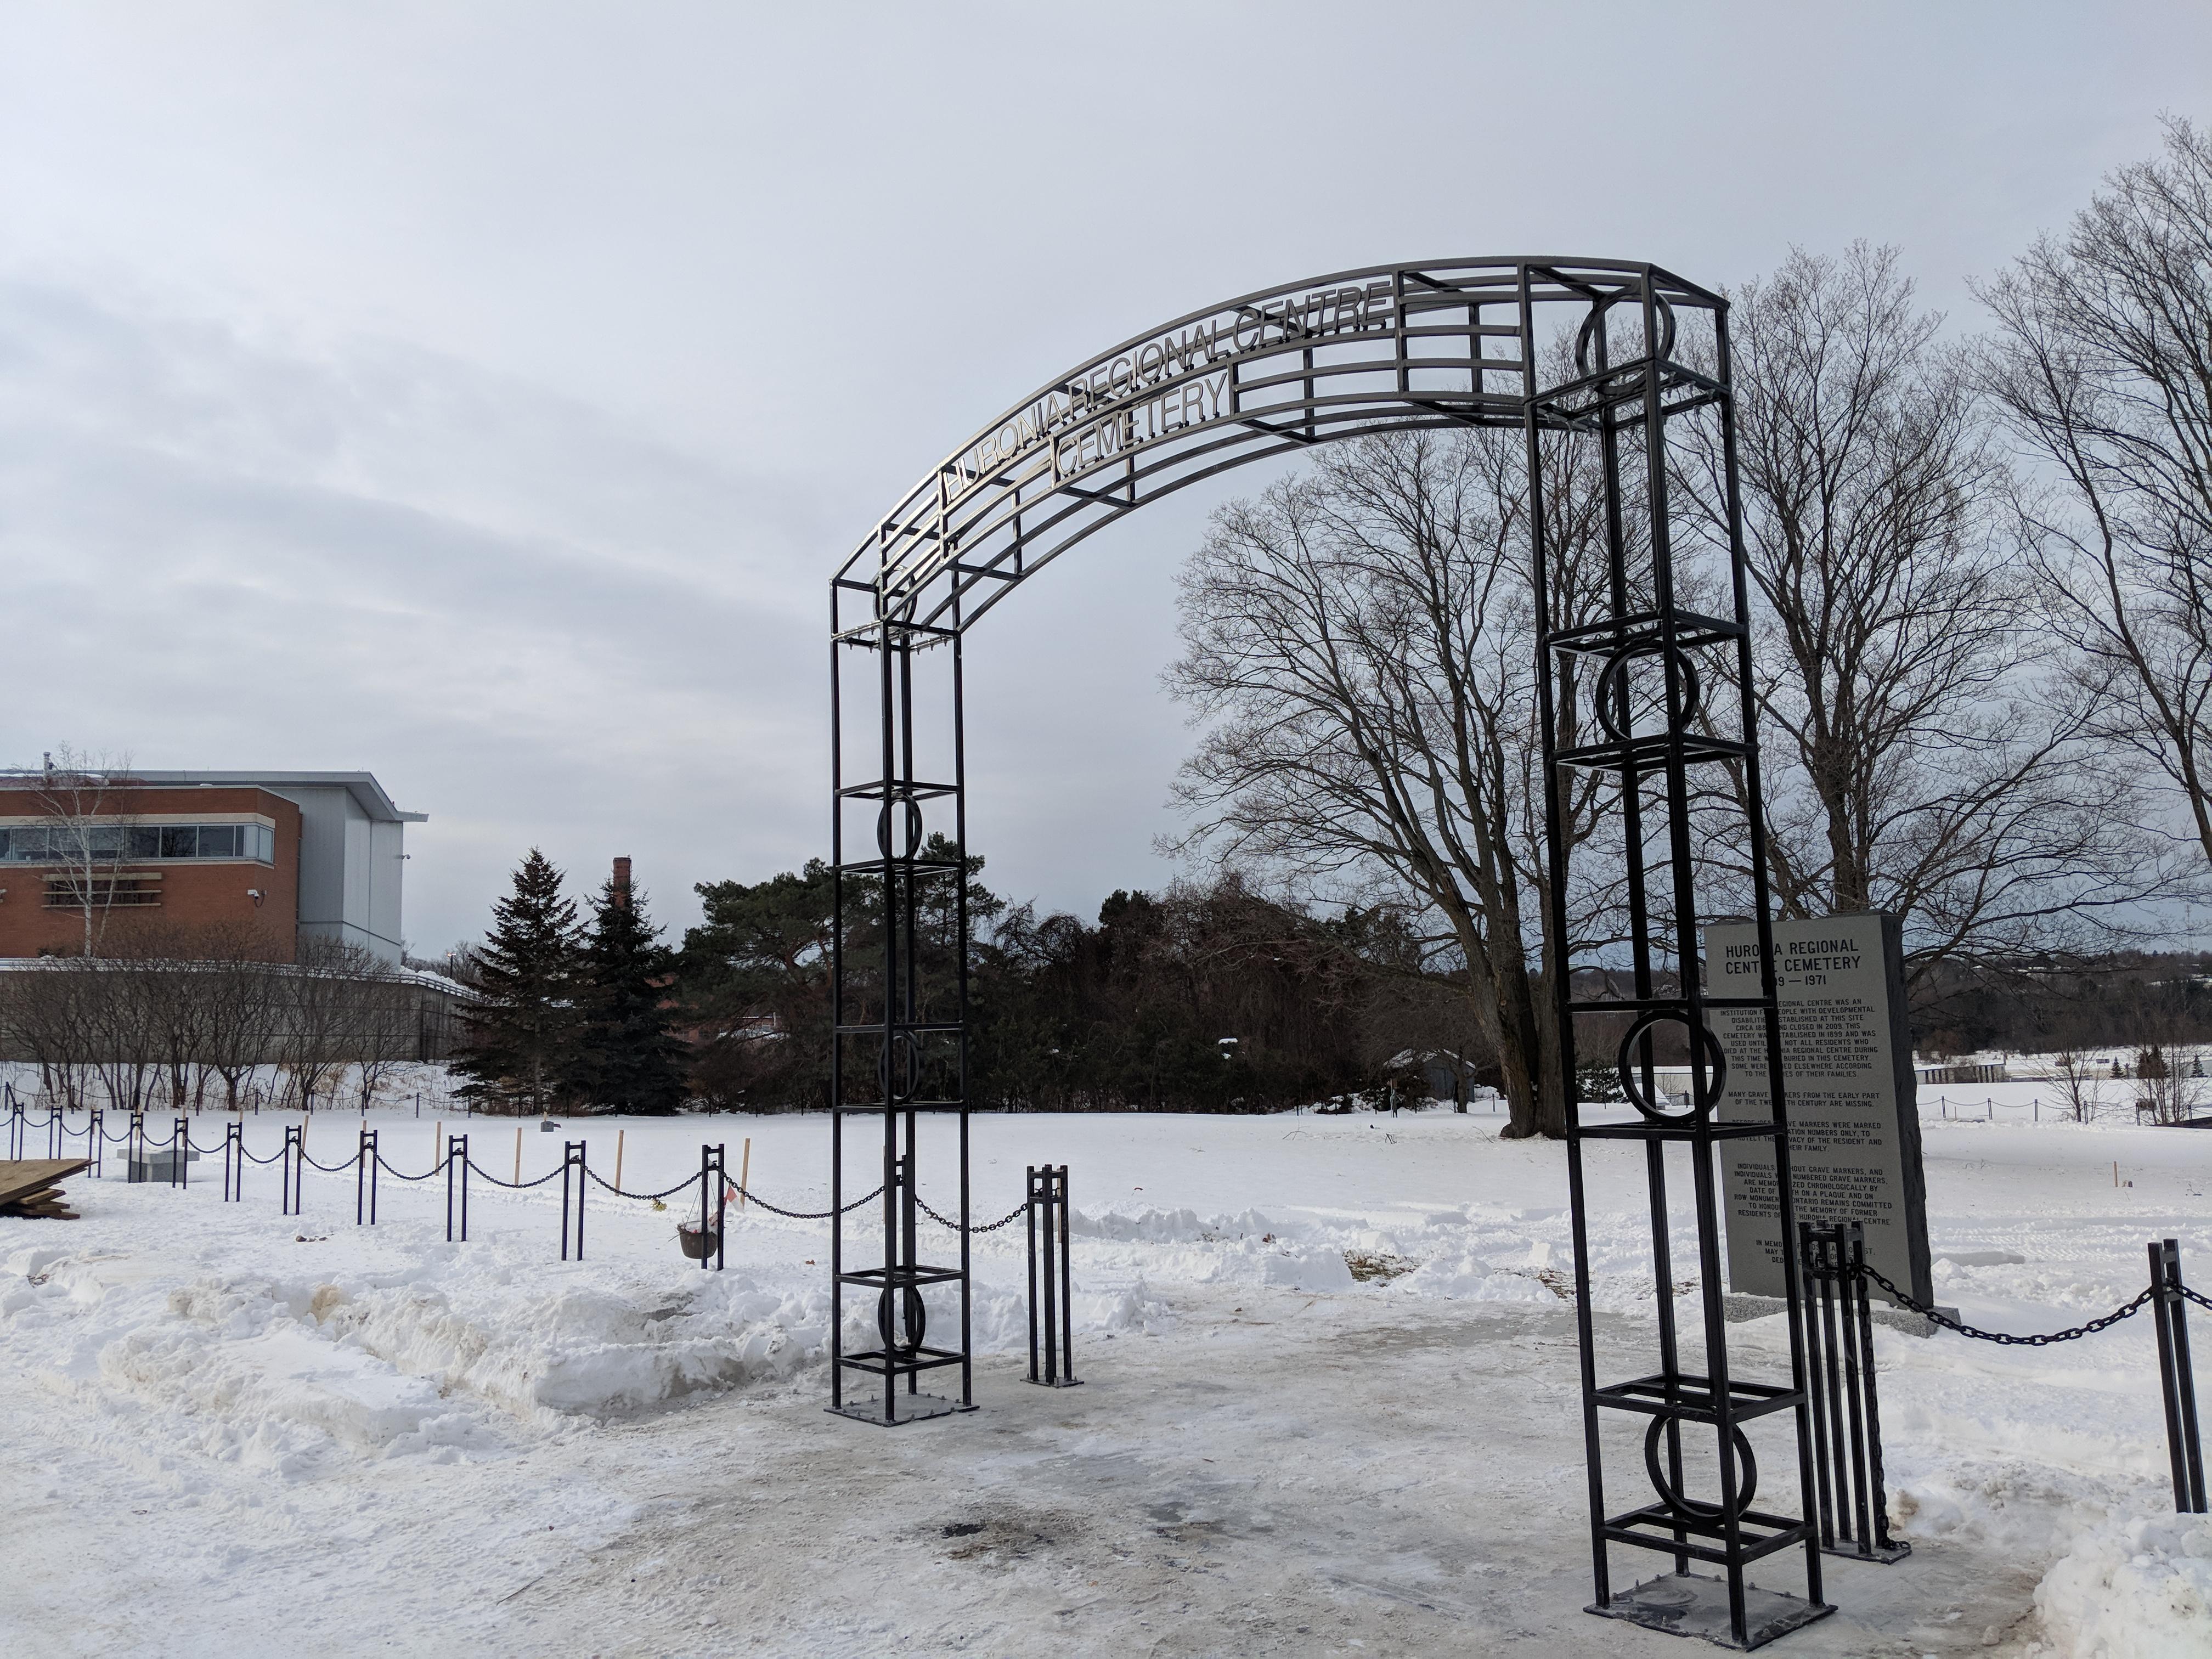 Orillia Cemetery